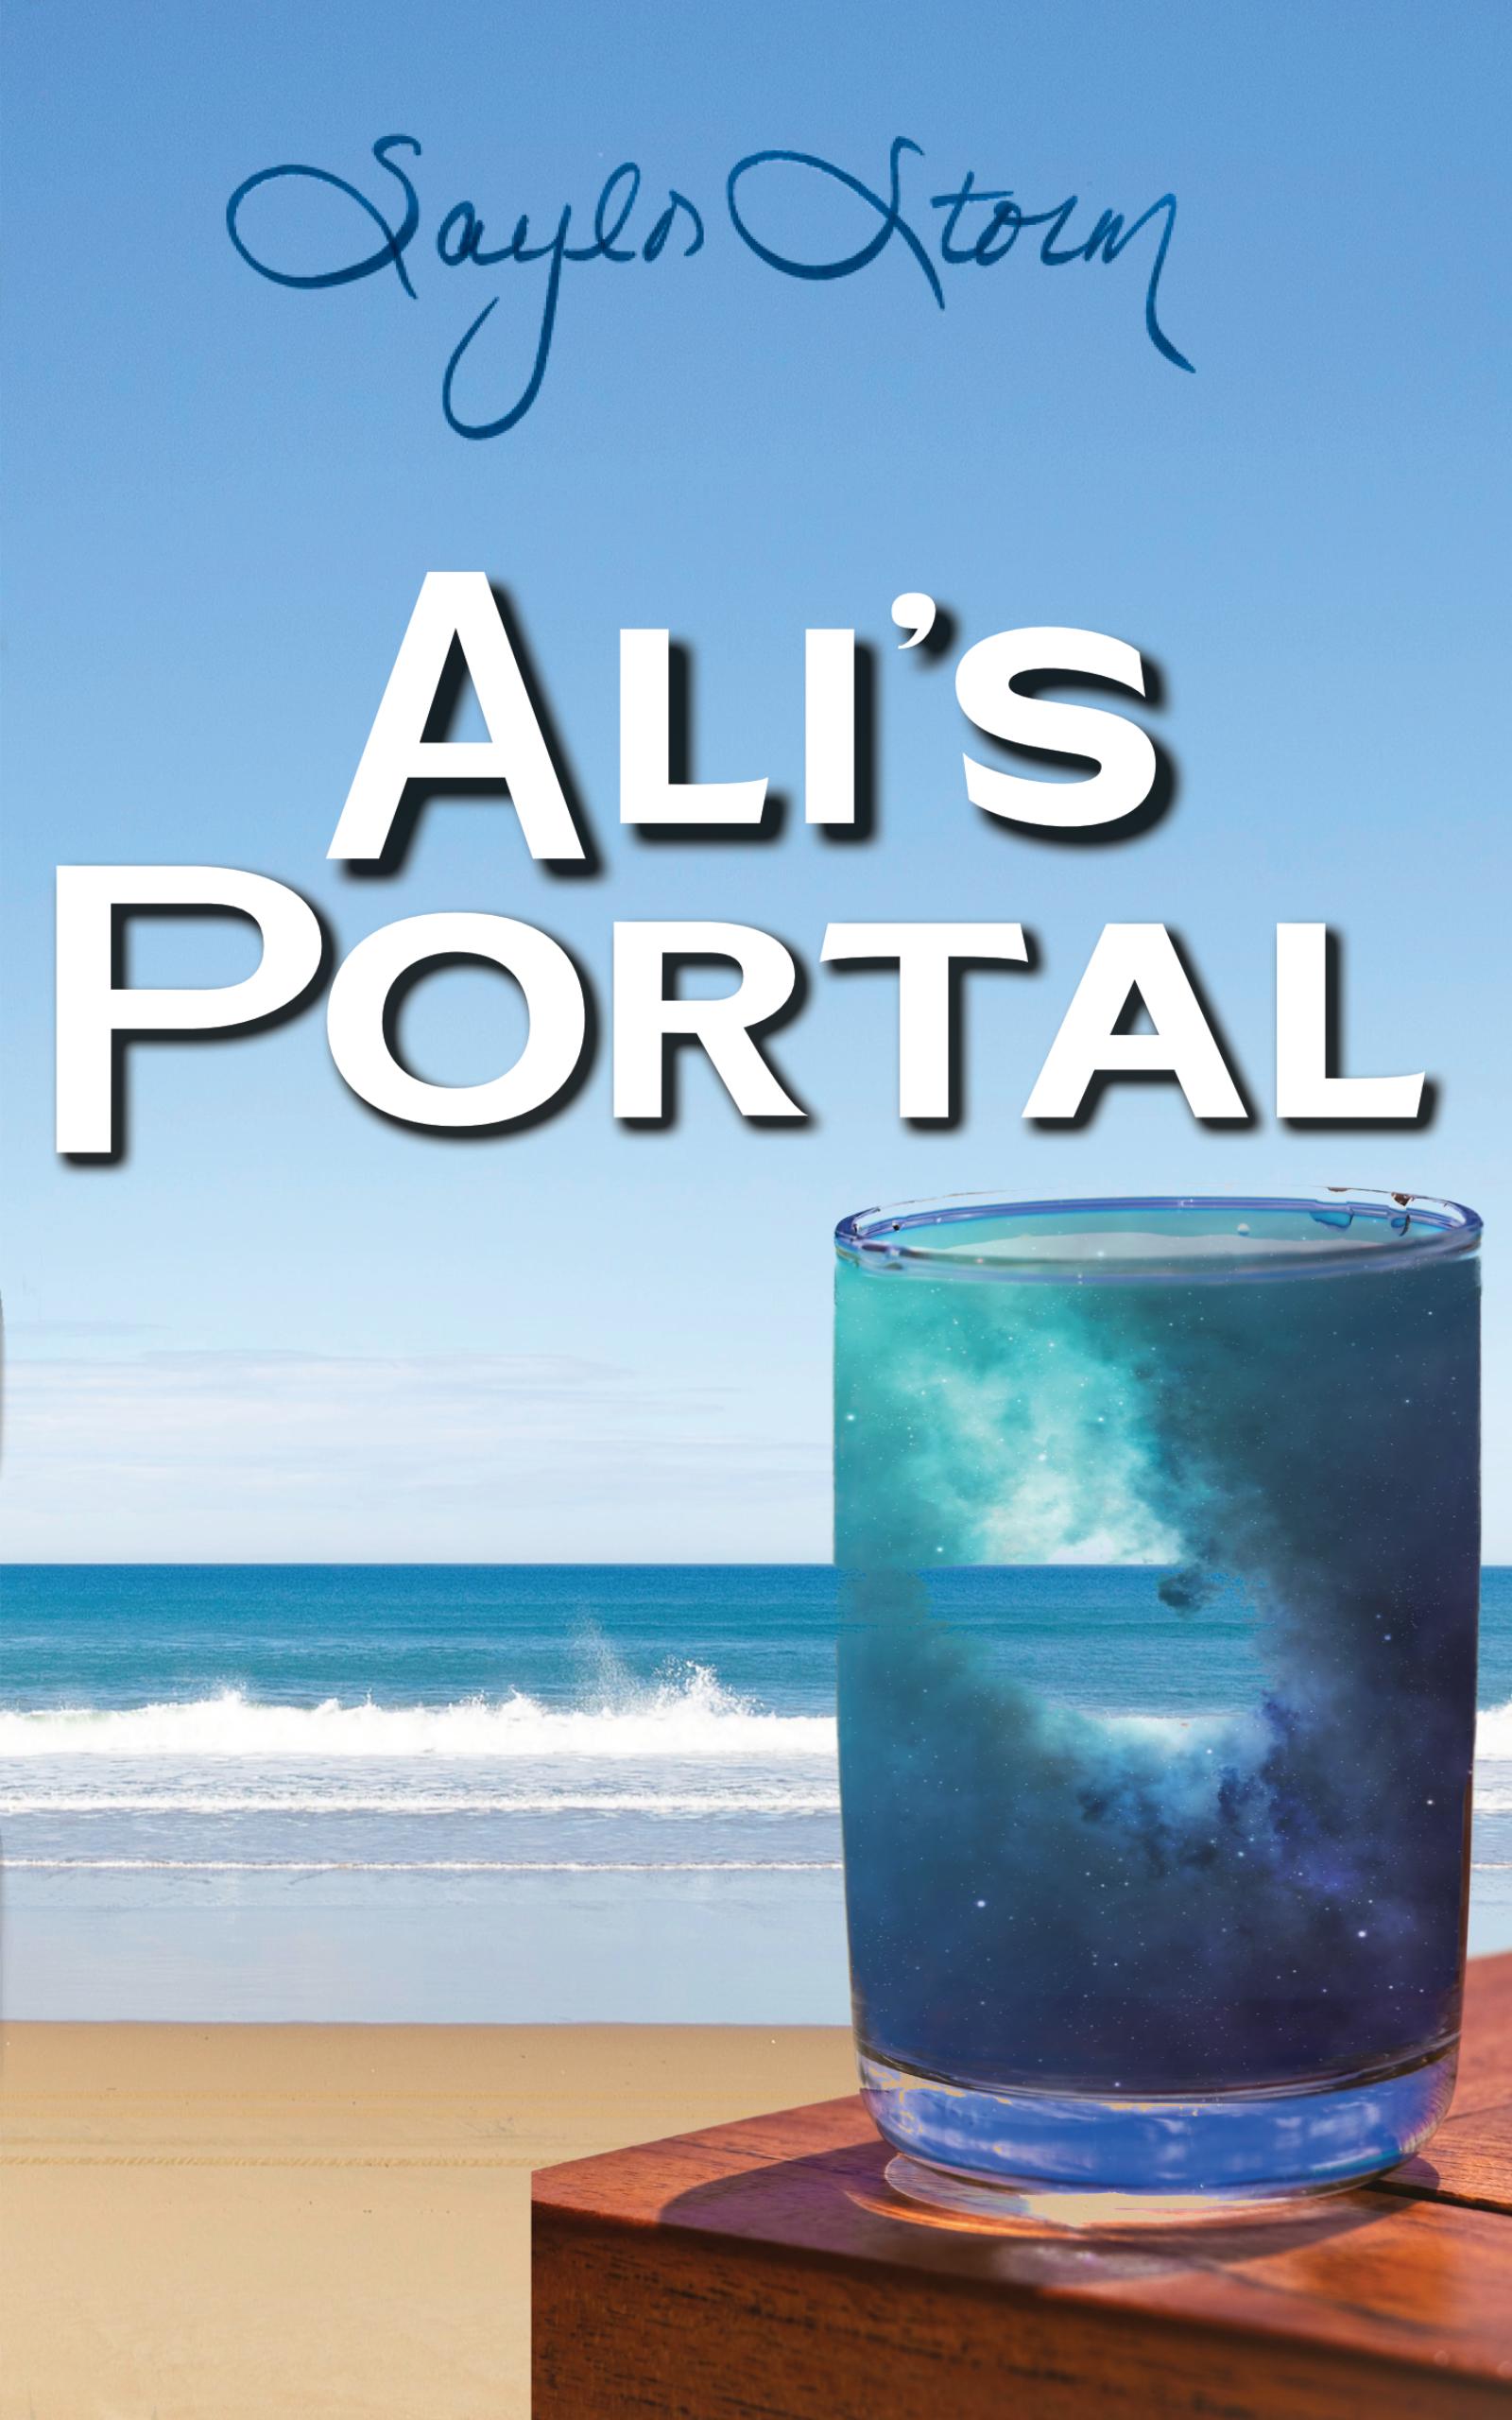 Ali's Portal Book Cover